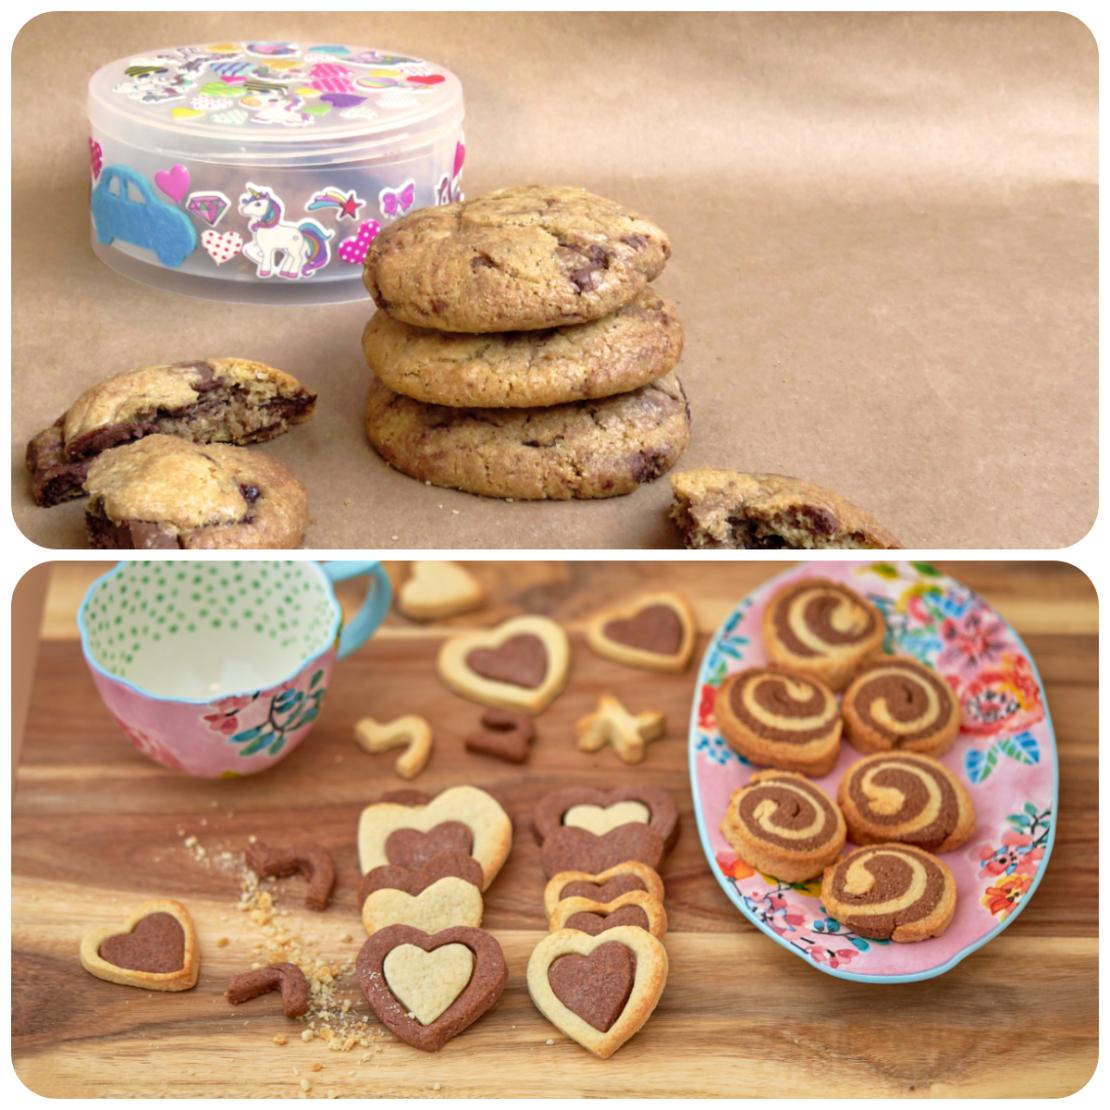 מארז עוגיות-שוקו וניל ועוגיות מהסרטים